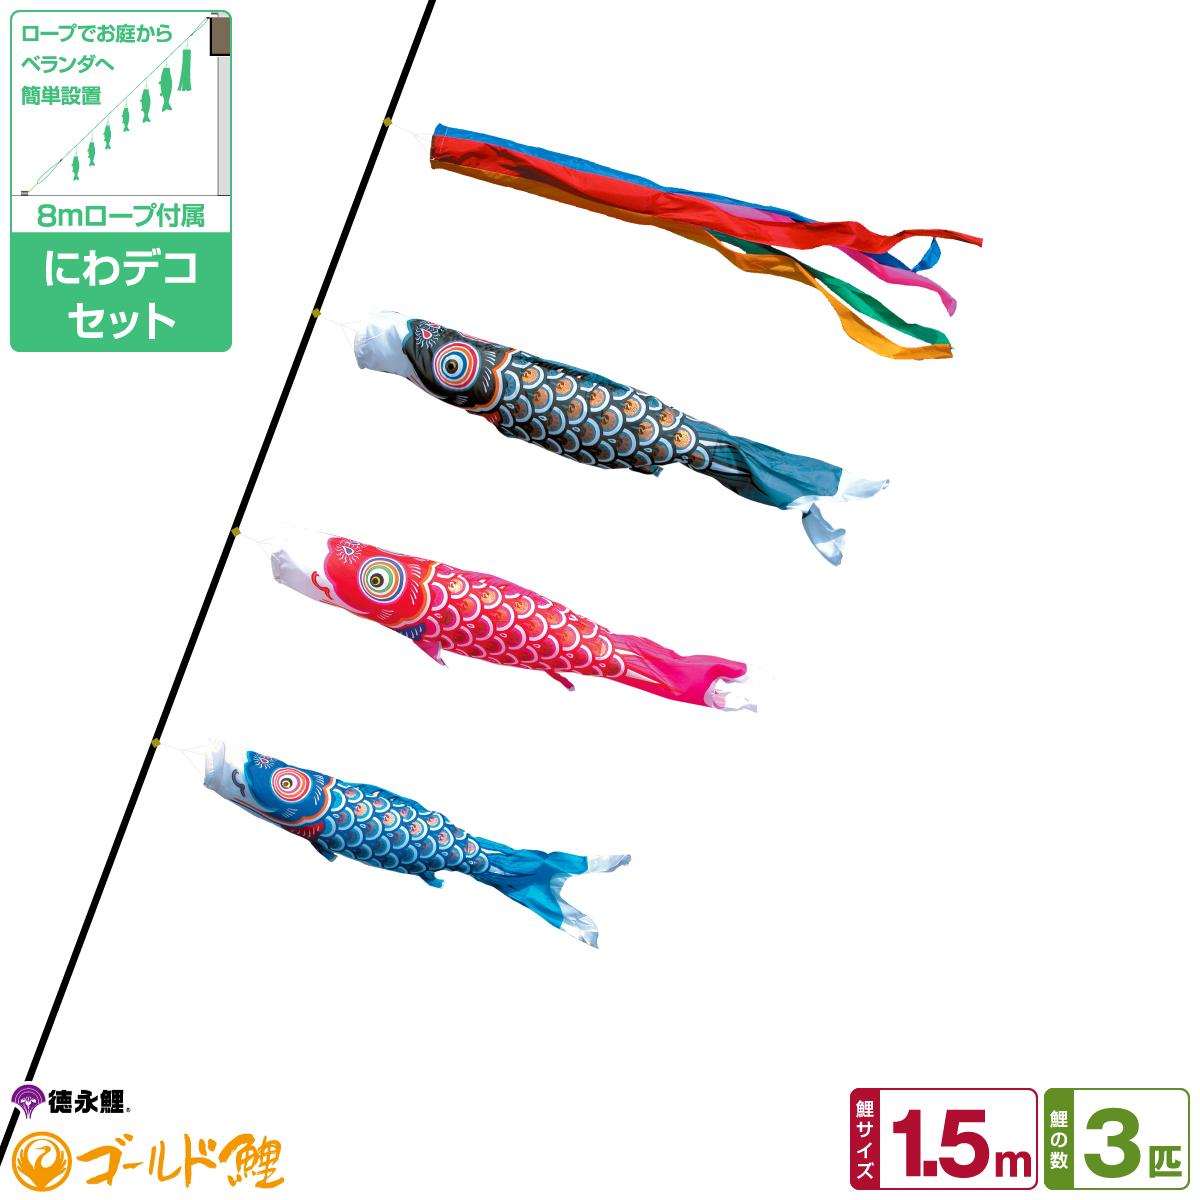 徳永鯉のぼり ゴールド鯉 1.5m 6点セット にわデコセット 2019年初節句 端午の節句 こどもの日 こいのぼり